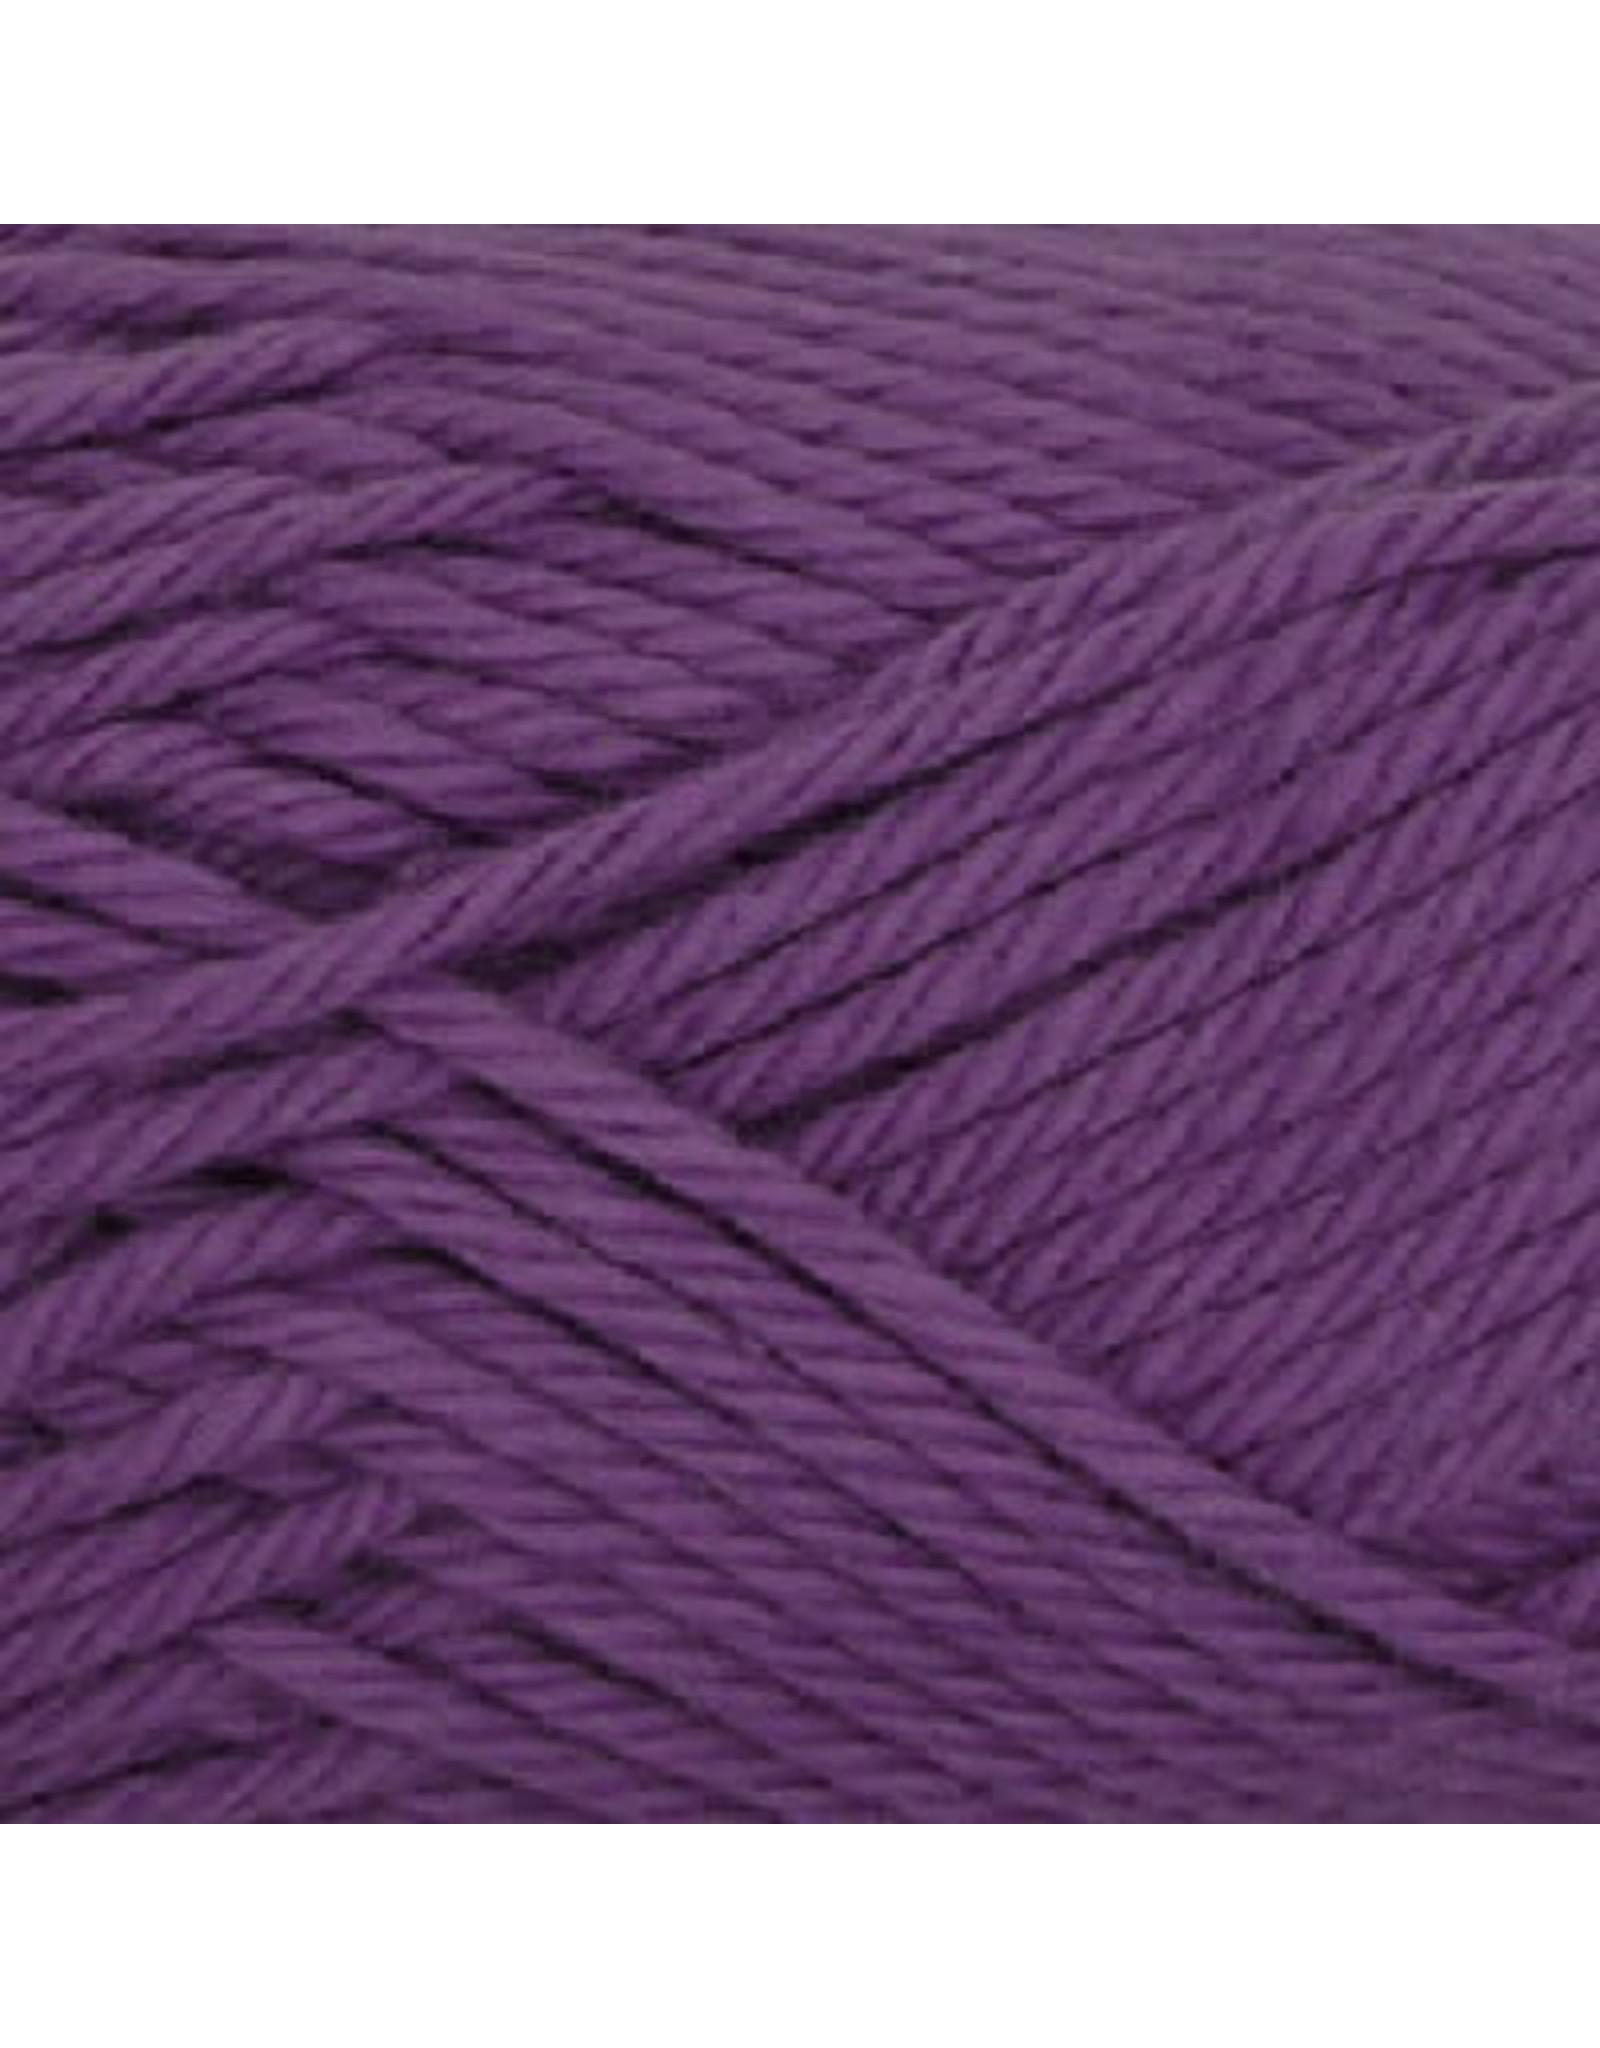 Sudz Sudz Cotton Solids, 3 de 3  - Estelle Yarns